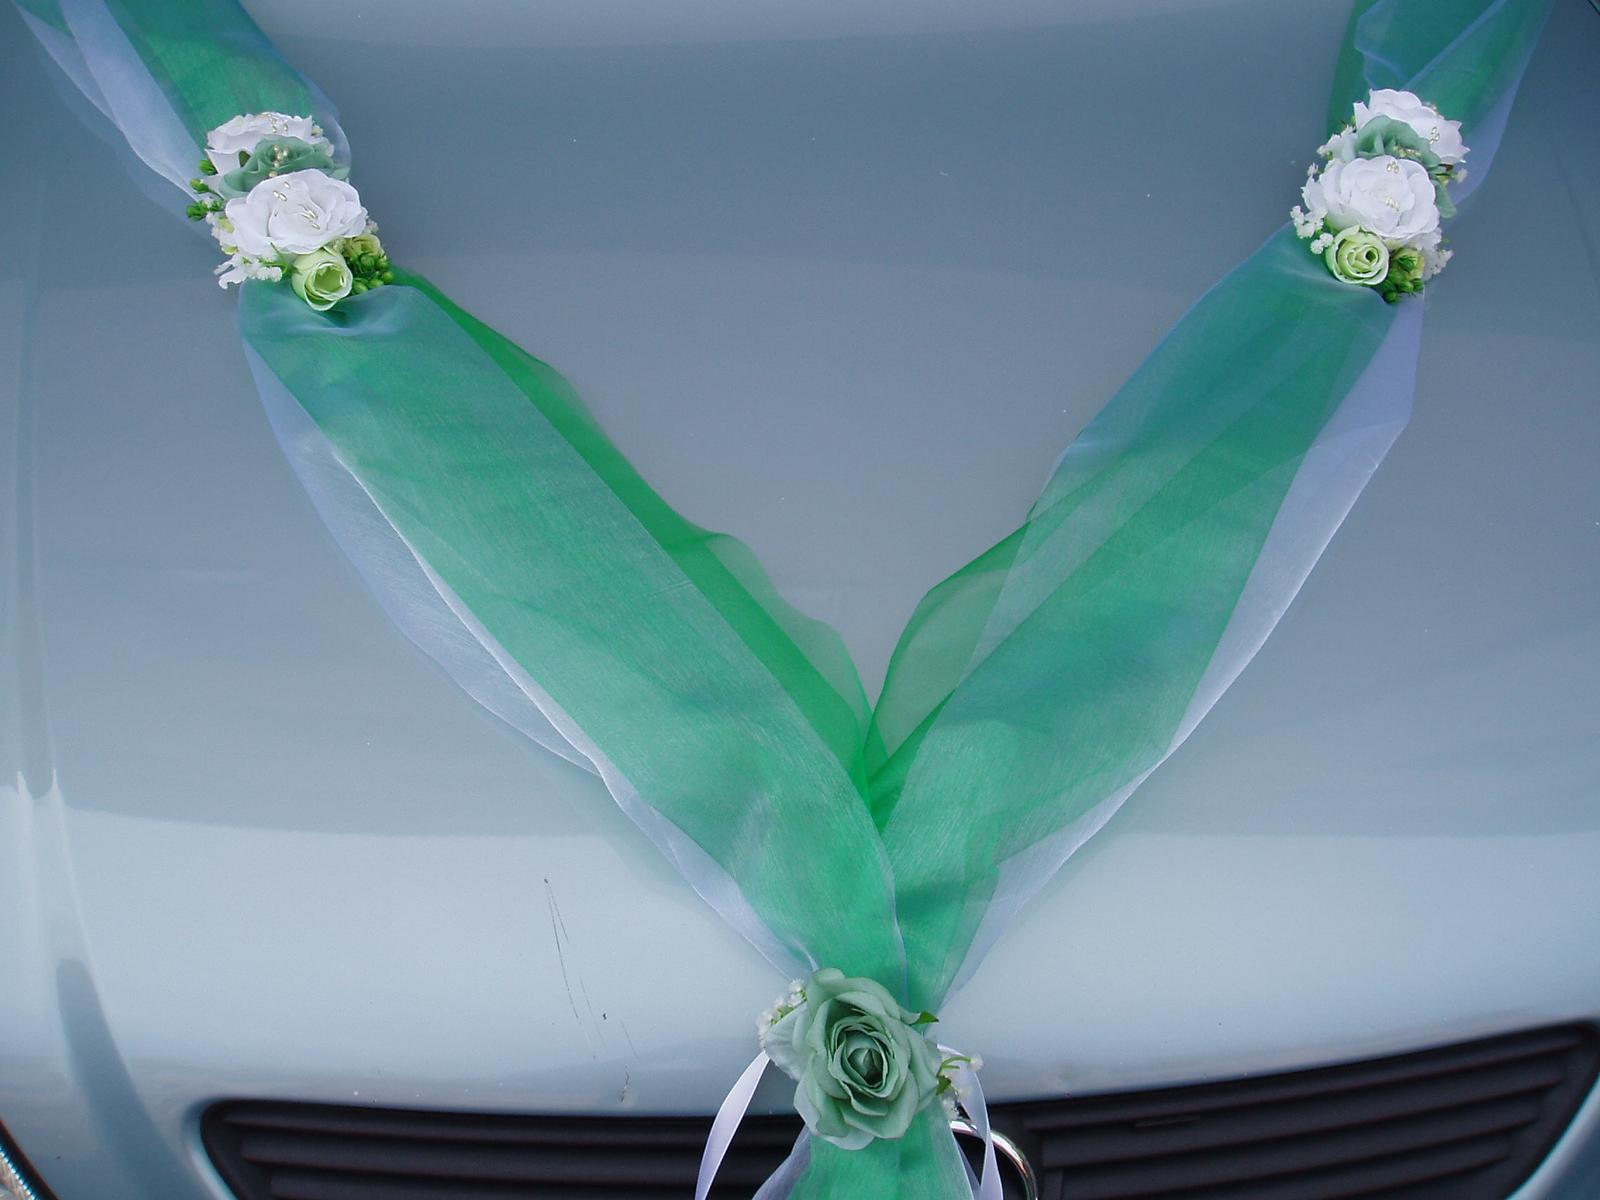 dvojšerpa zelená - Obrázek č. 1